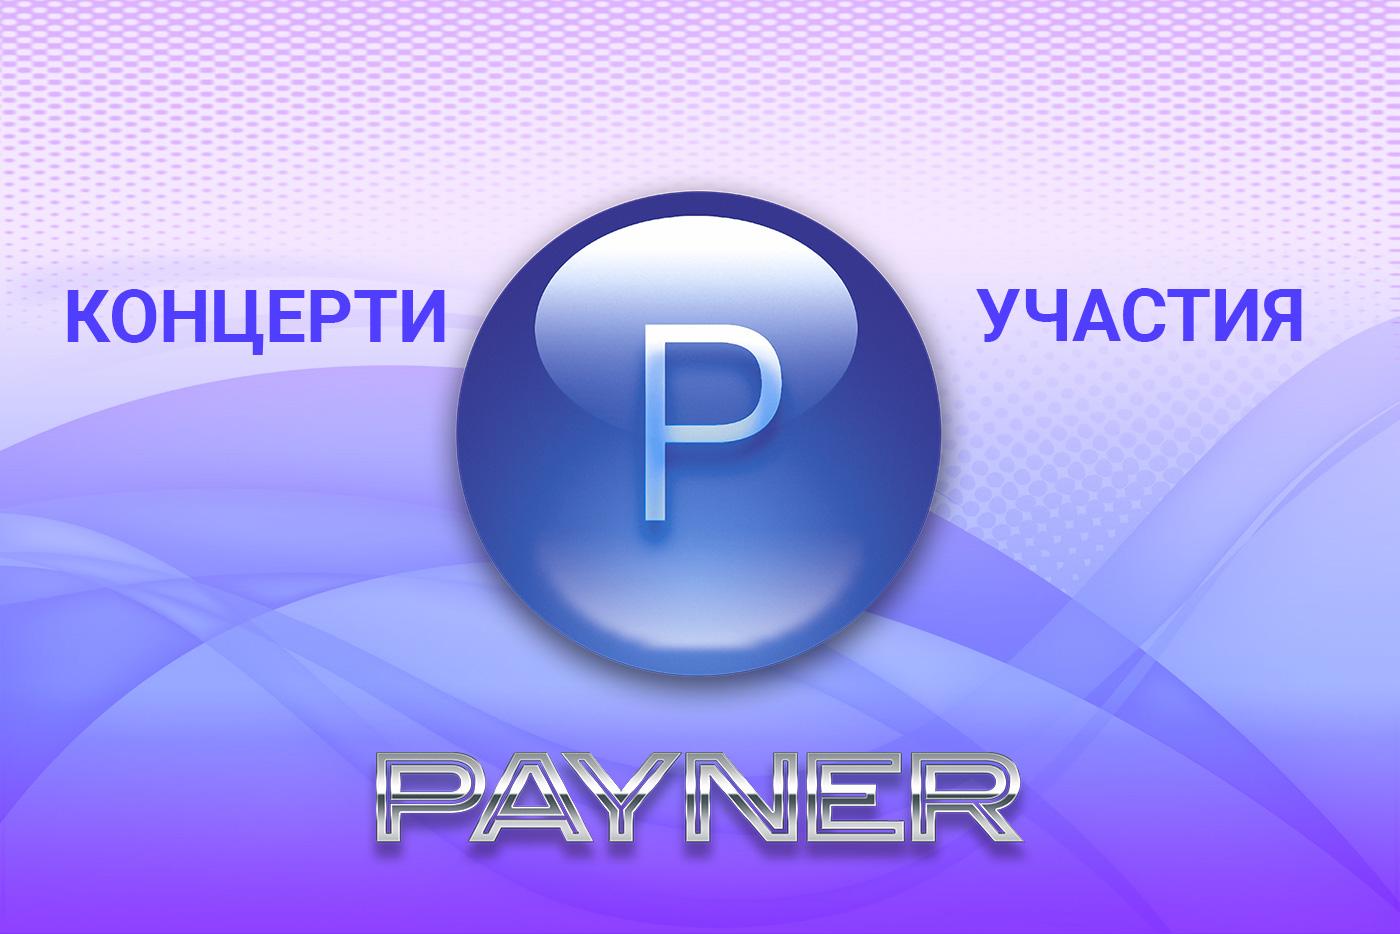 """Участия на звездите на """"Пайнер"""" на 22.01.2020"""